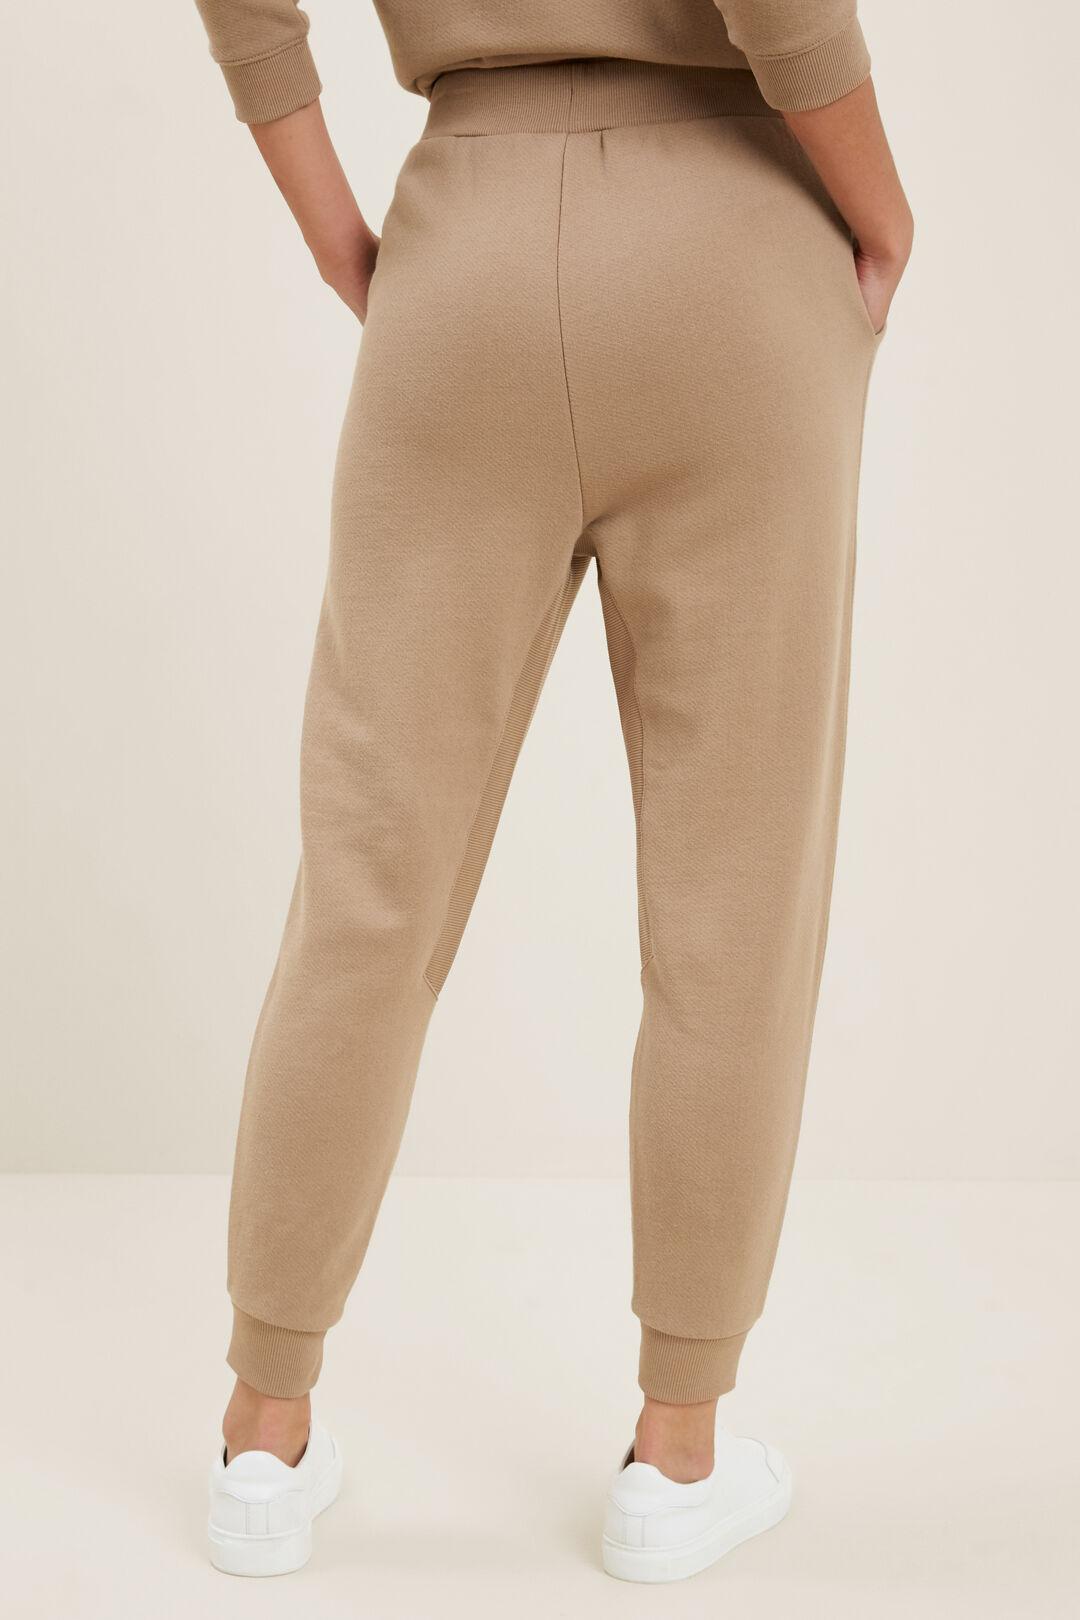 Relaxed Drop Crotch Pant   HONEY DEW  hi-res